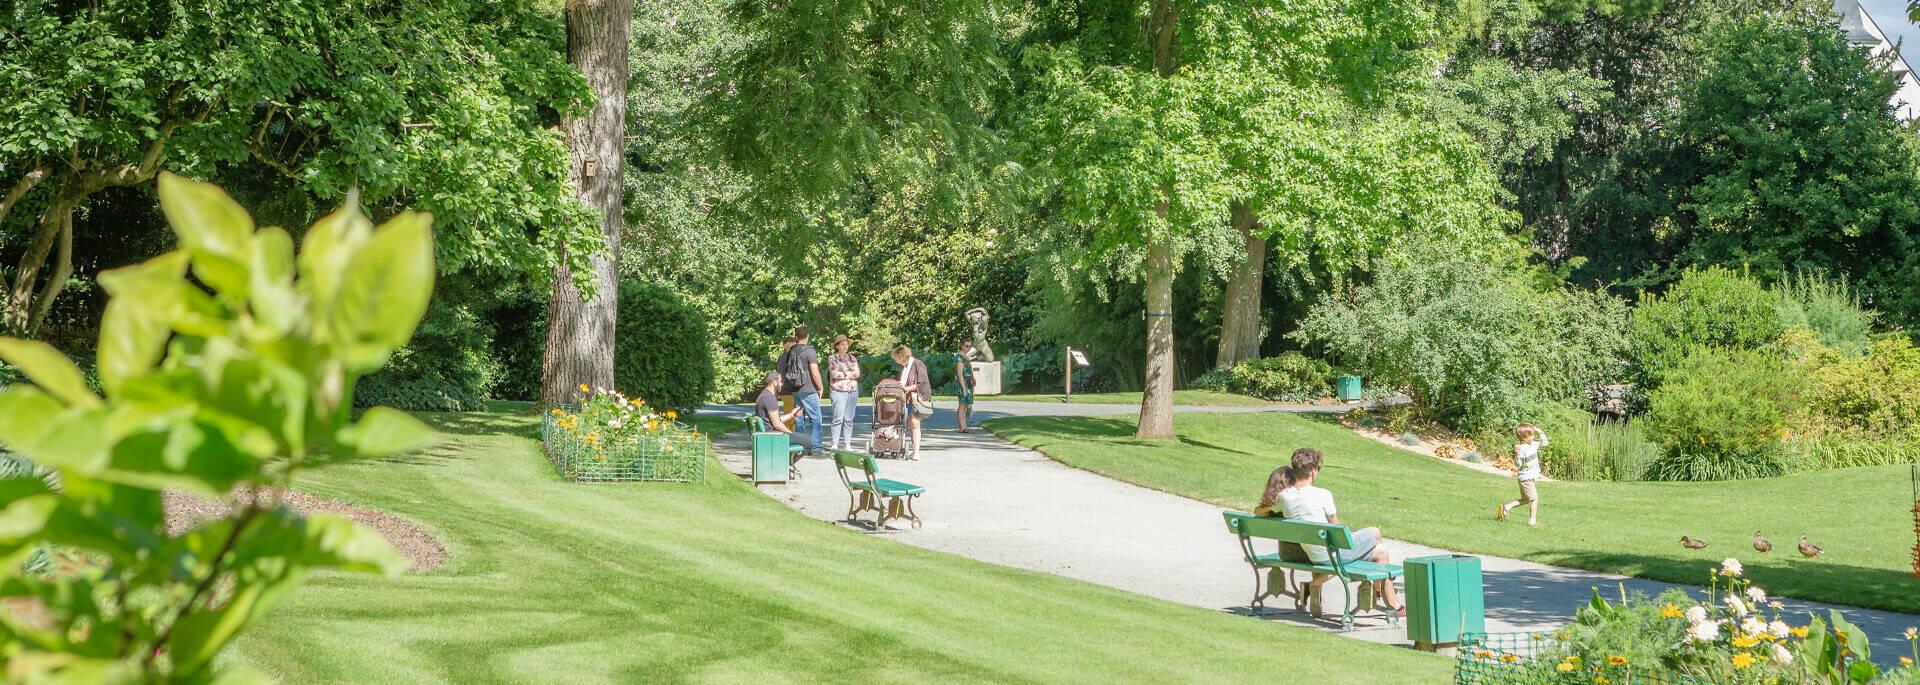 Parcs et jardins d'Angers - Jardin des plantes